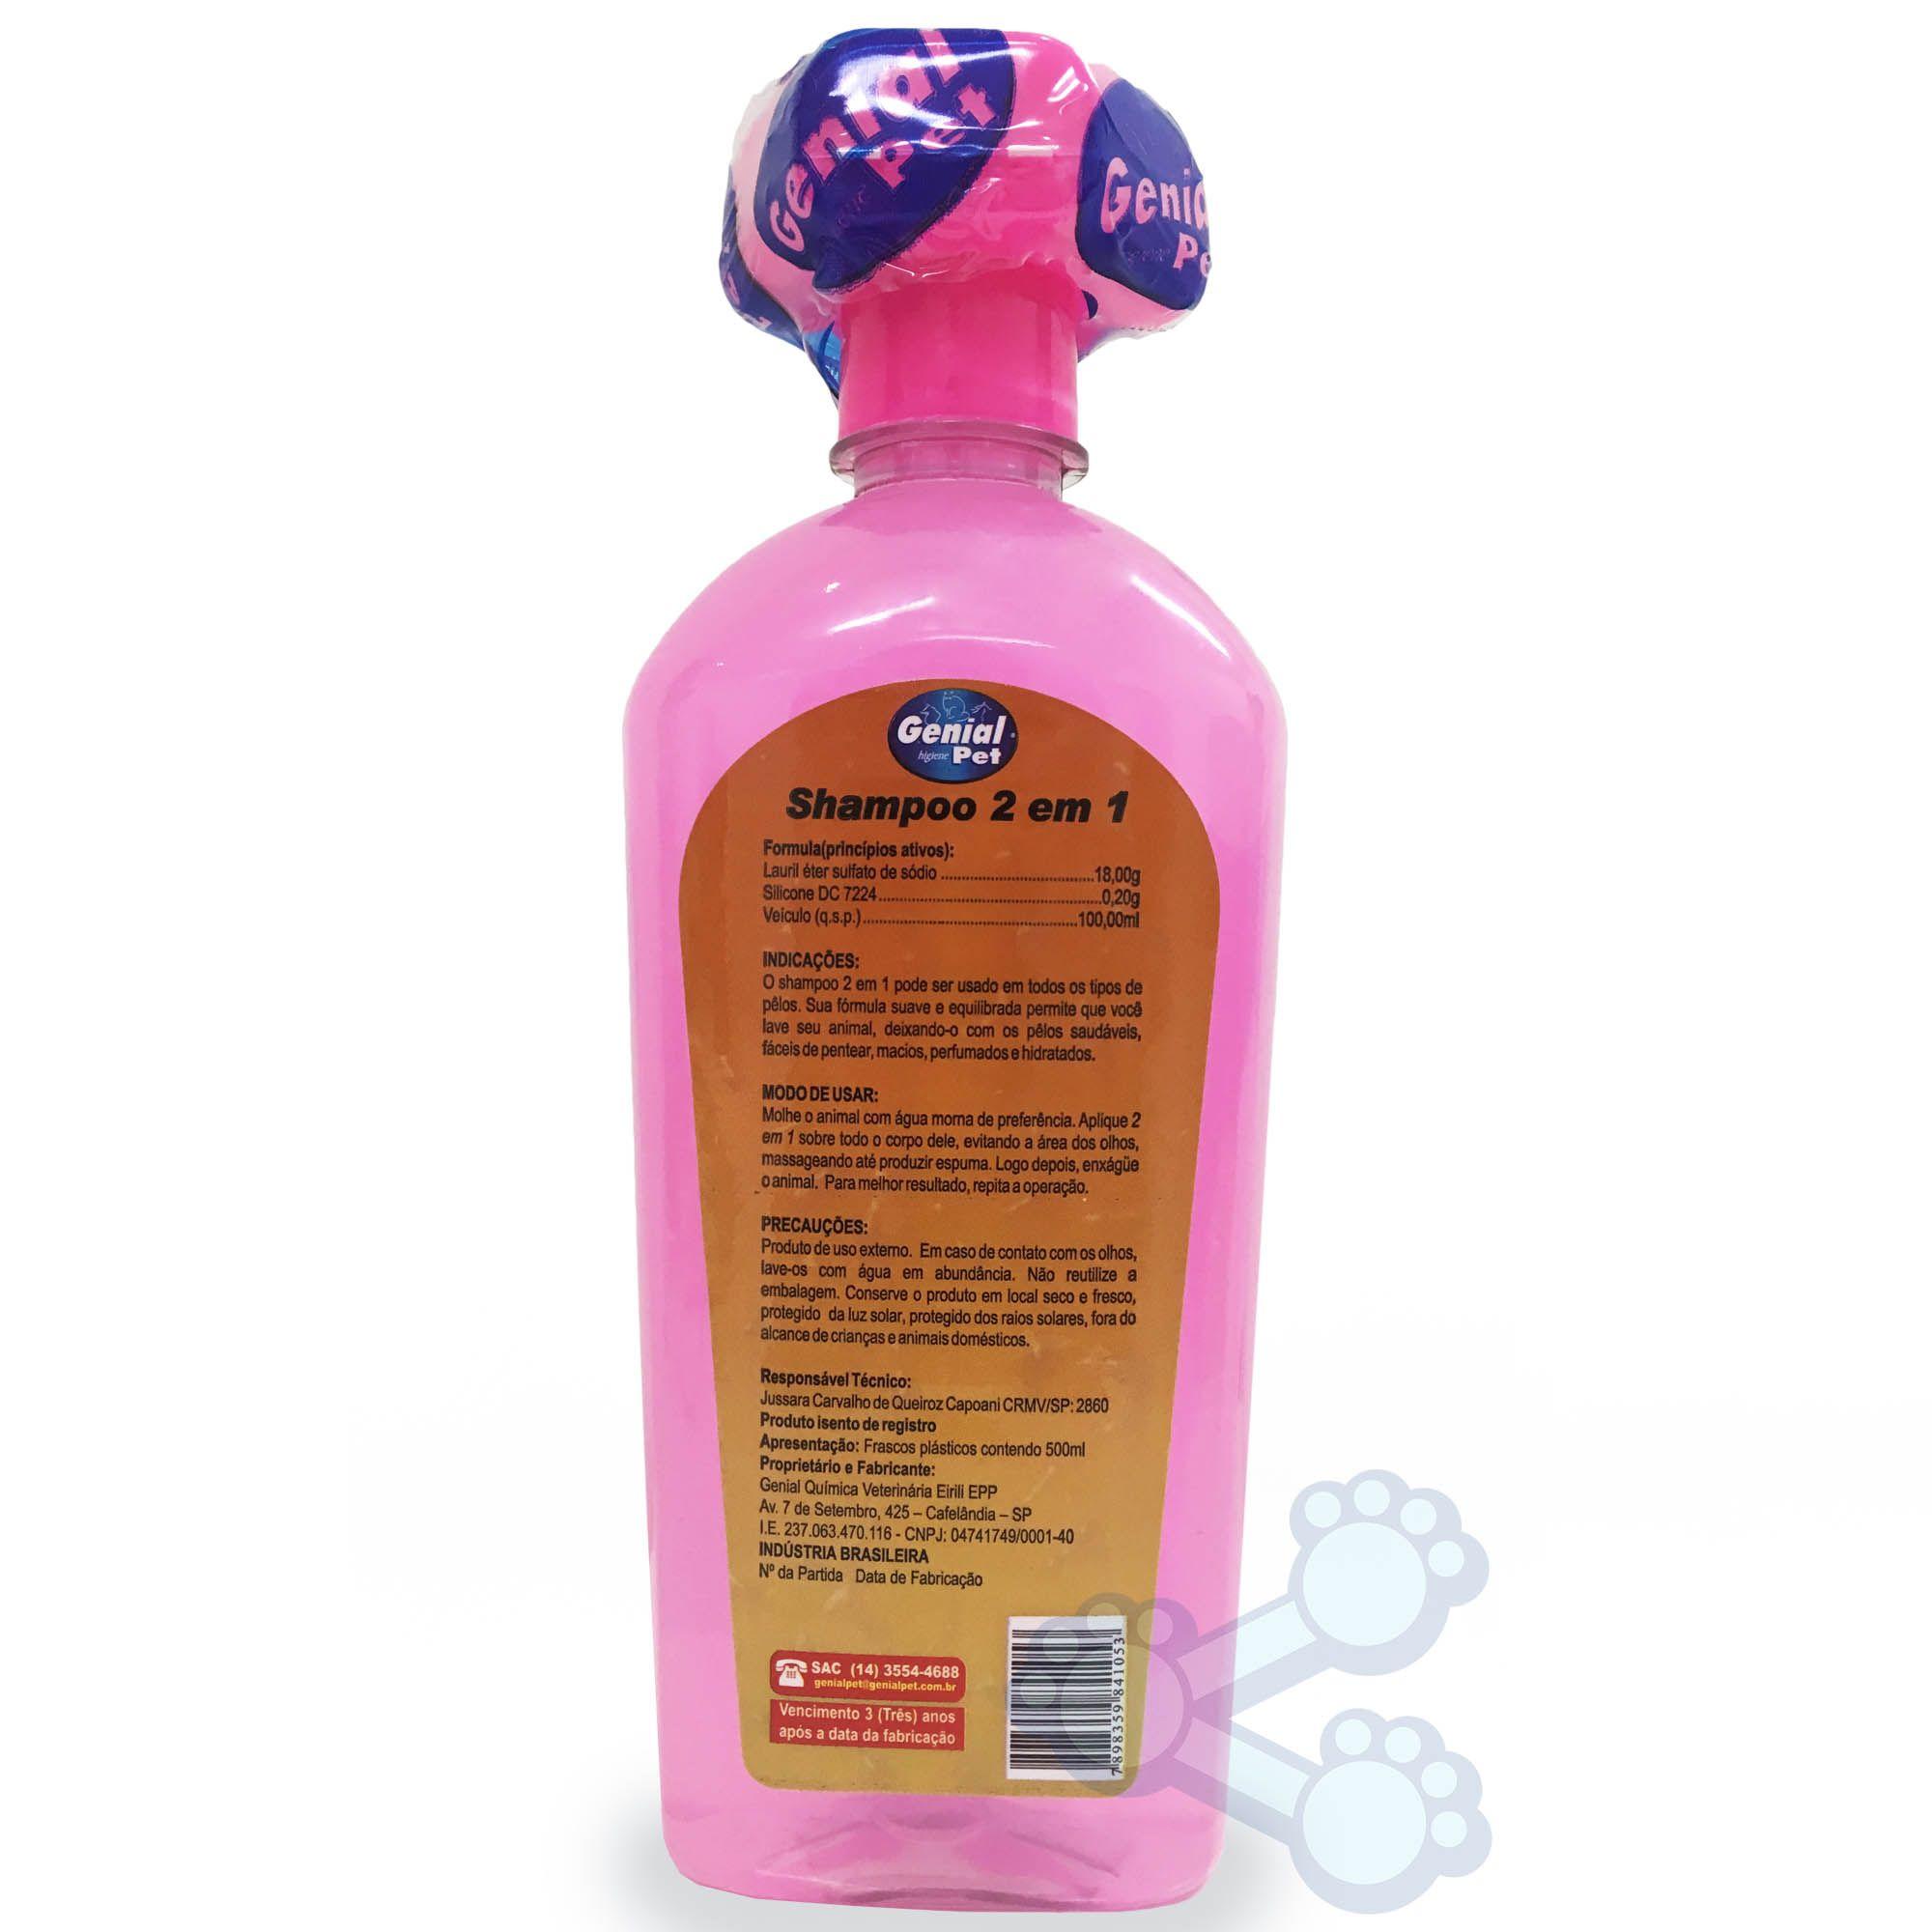 Shampoo e Condicionador Genial 2 em 1 (500ml)